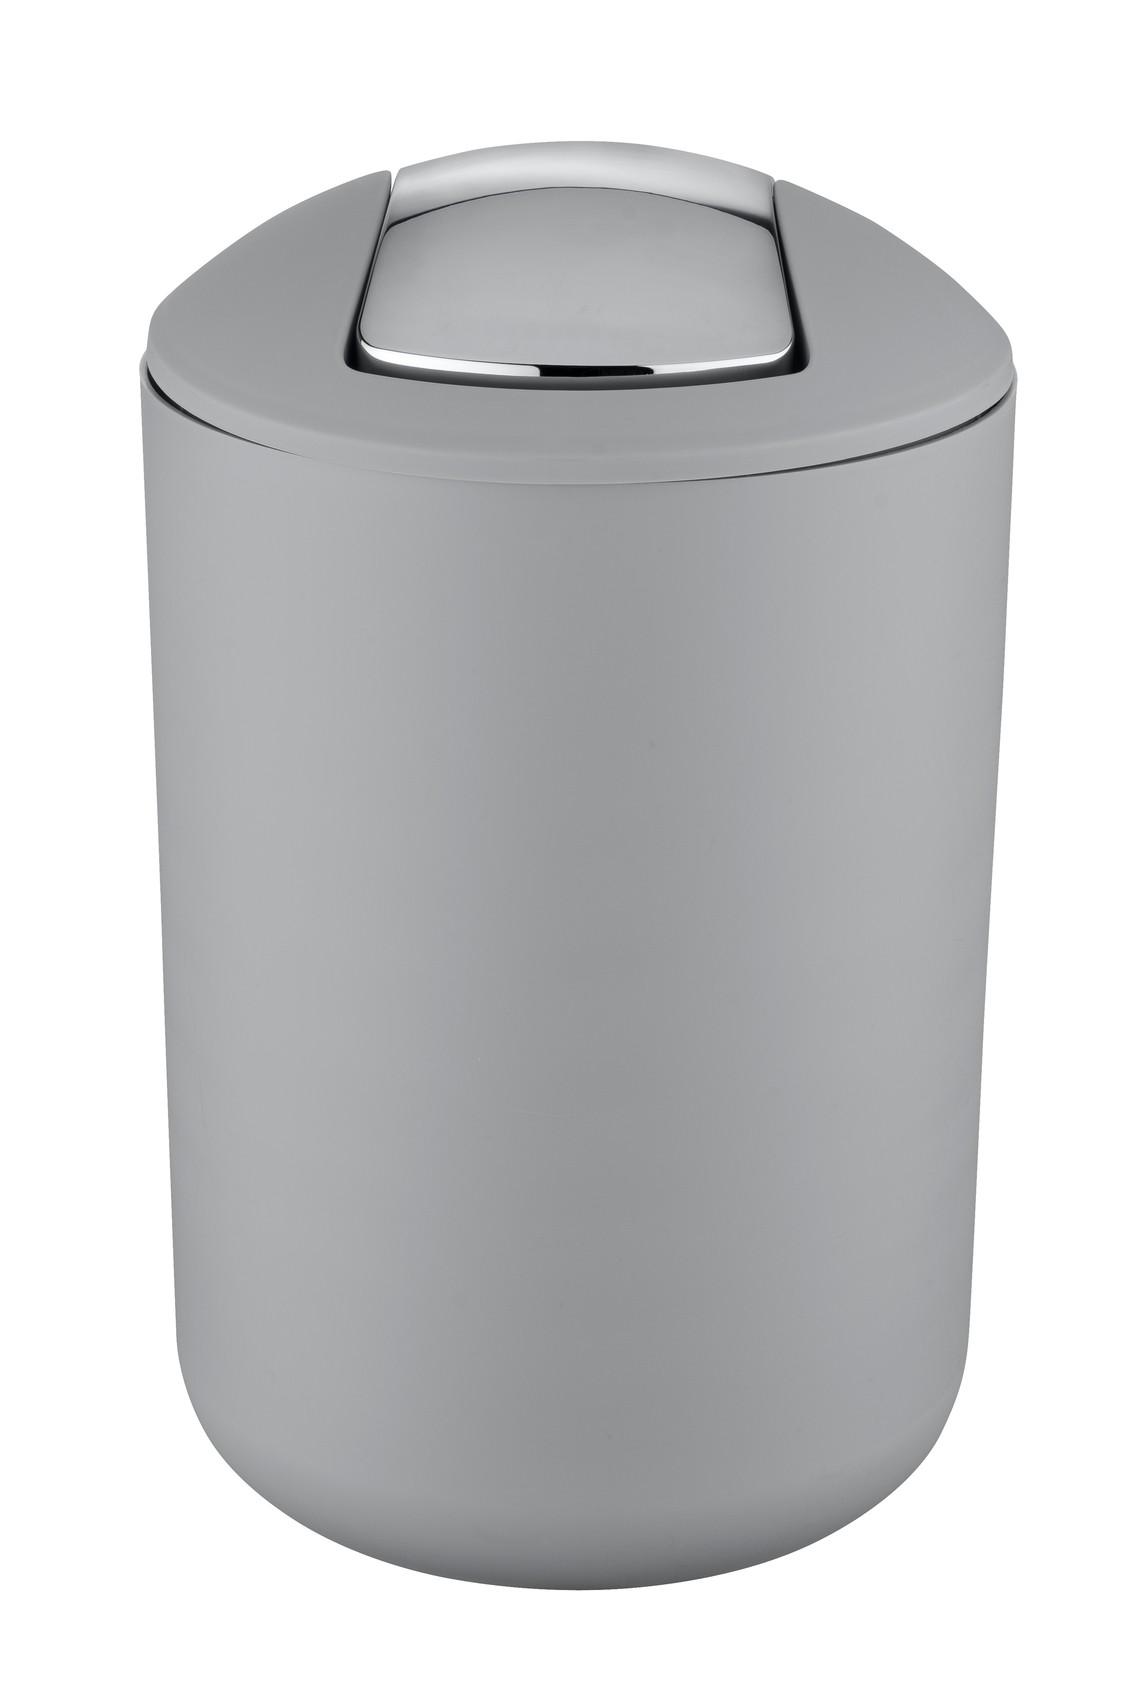 Wenko Schwingdeckeleimer / Kosmetikeimer Brasil L Grau 6,5 Liter